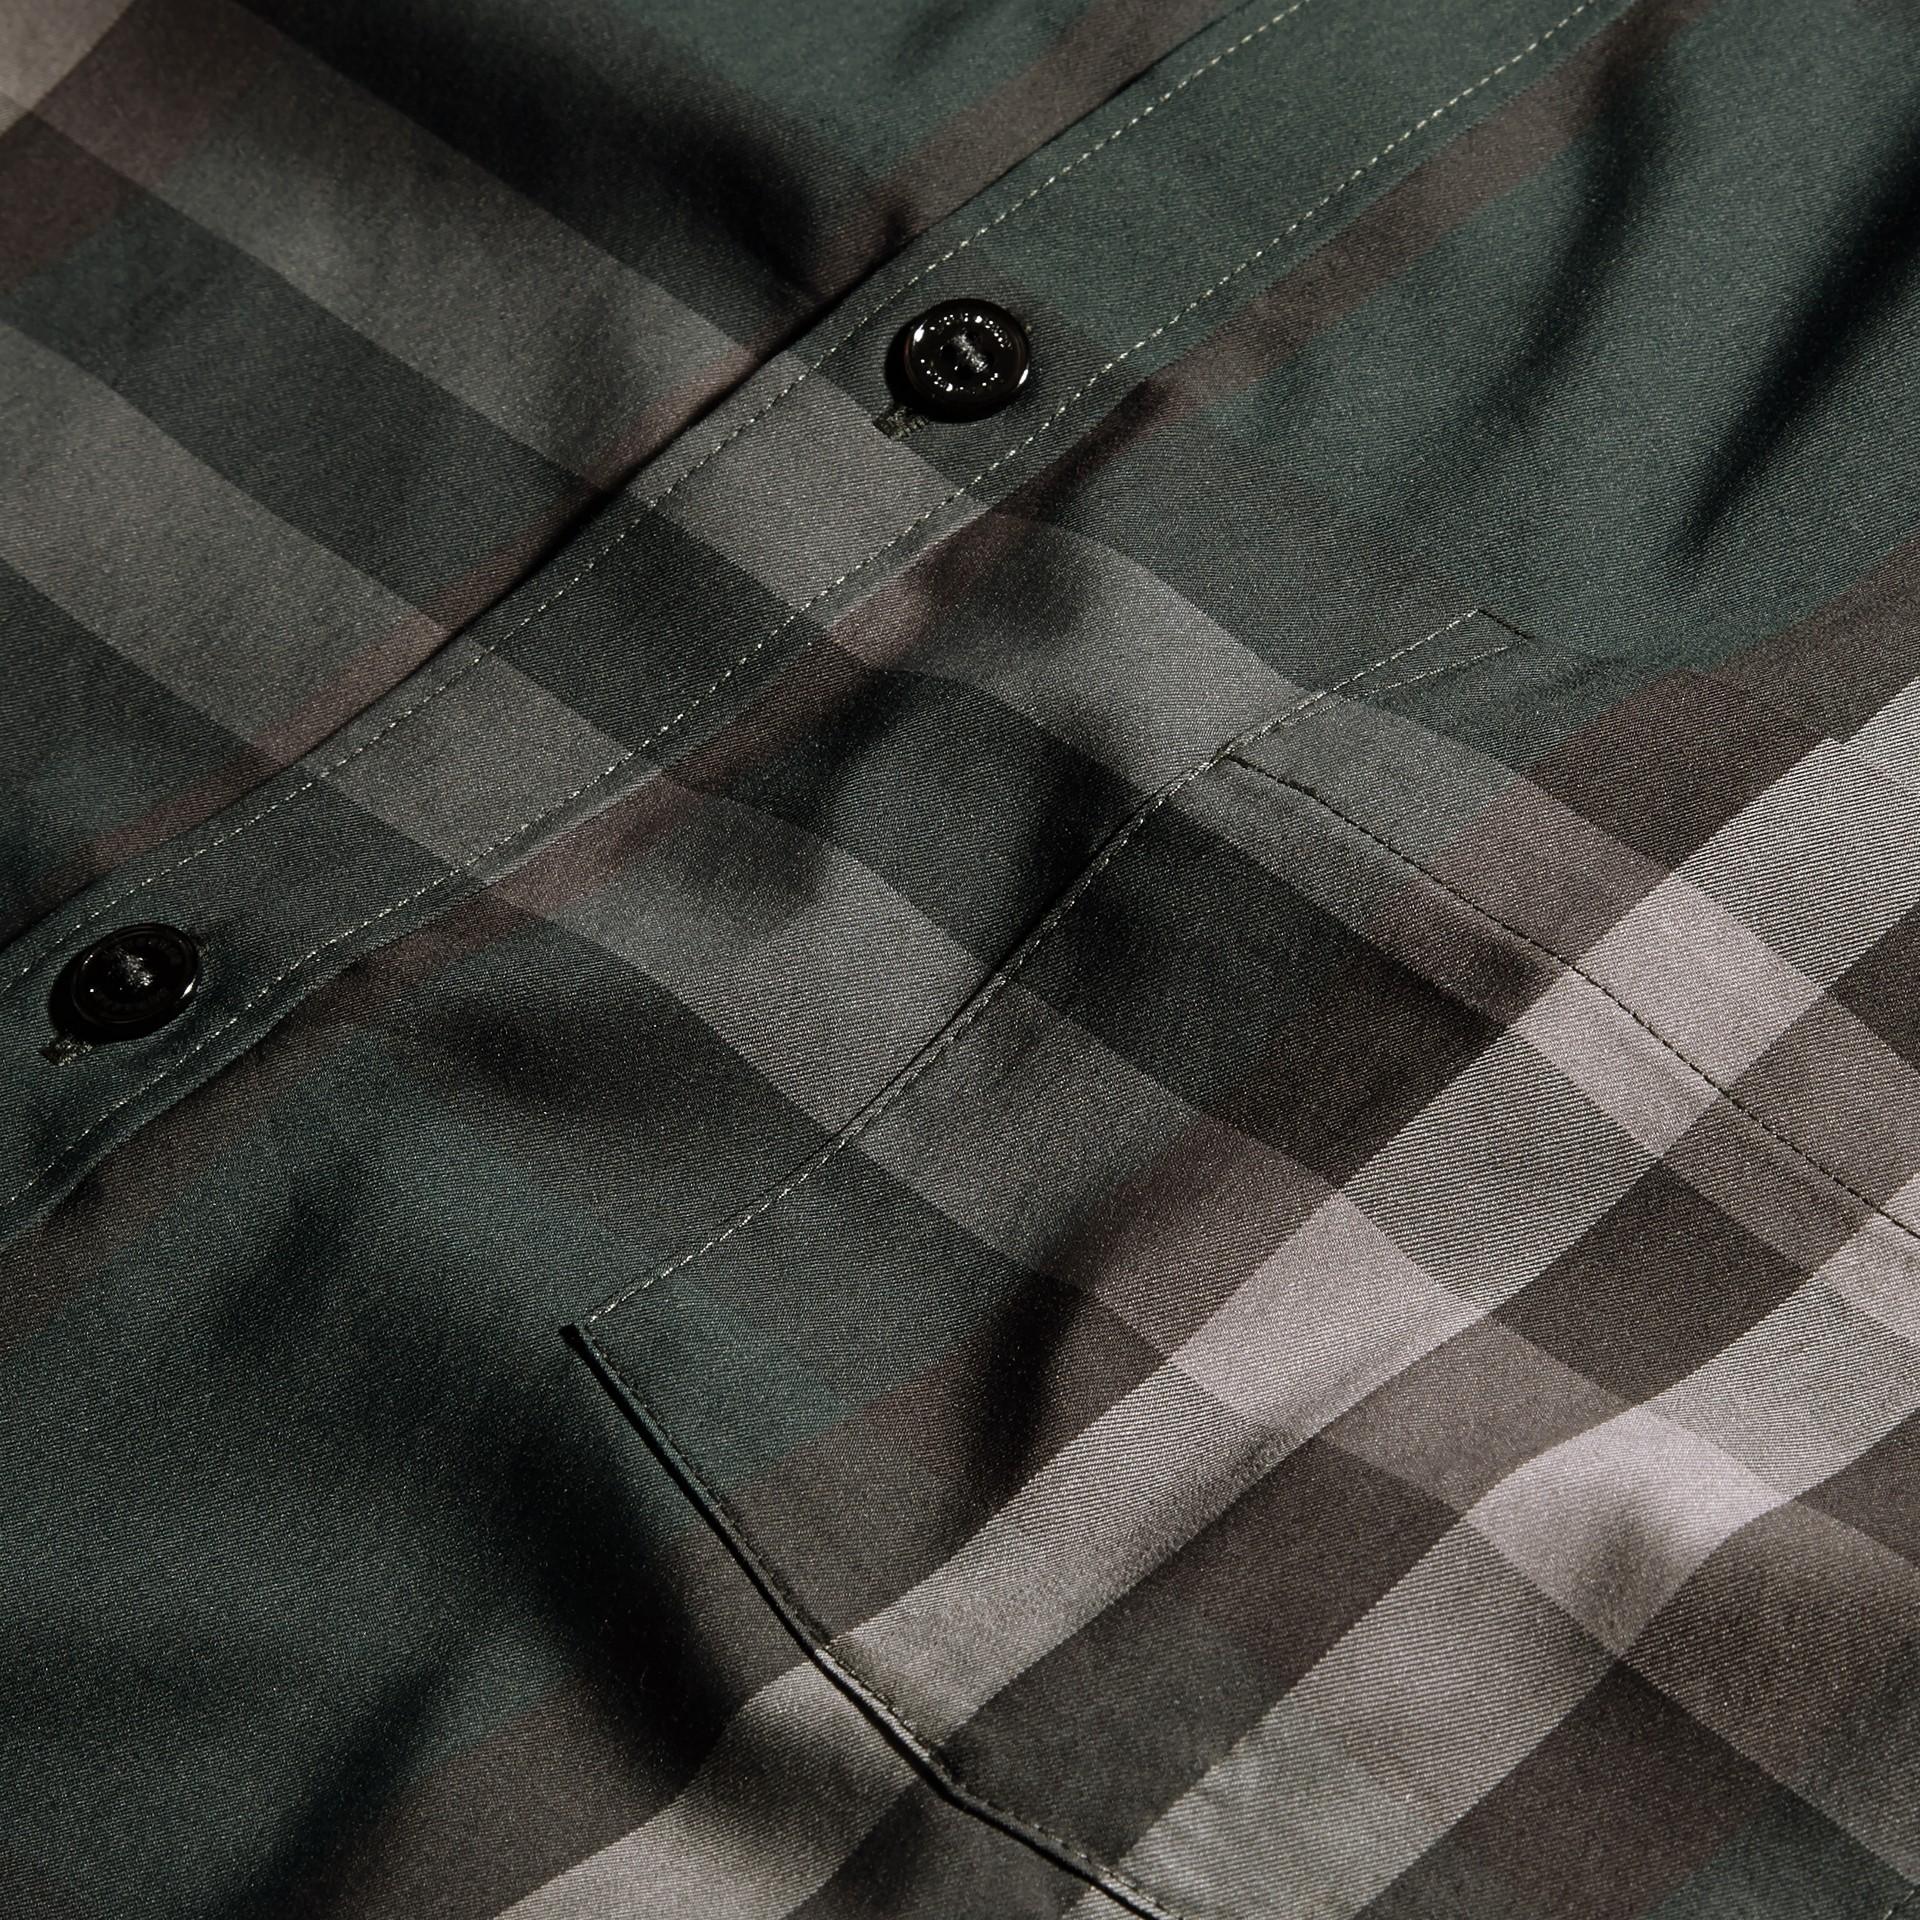 Verdone Camicia in cotone stretch con motivo check Verdone - immagine della galleria 2